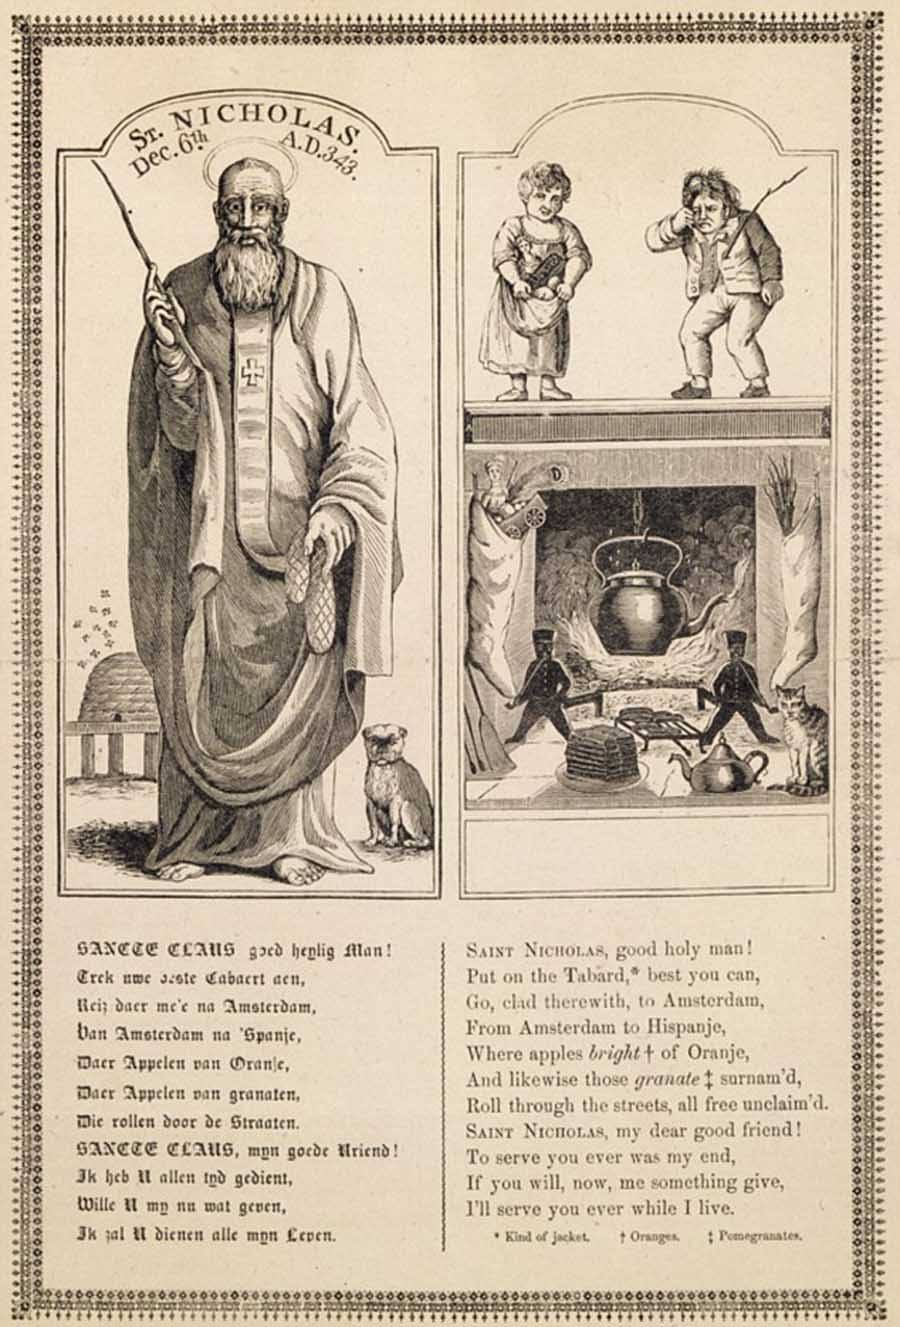 Santa Claus 1810 Alexander Anderson